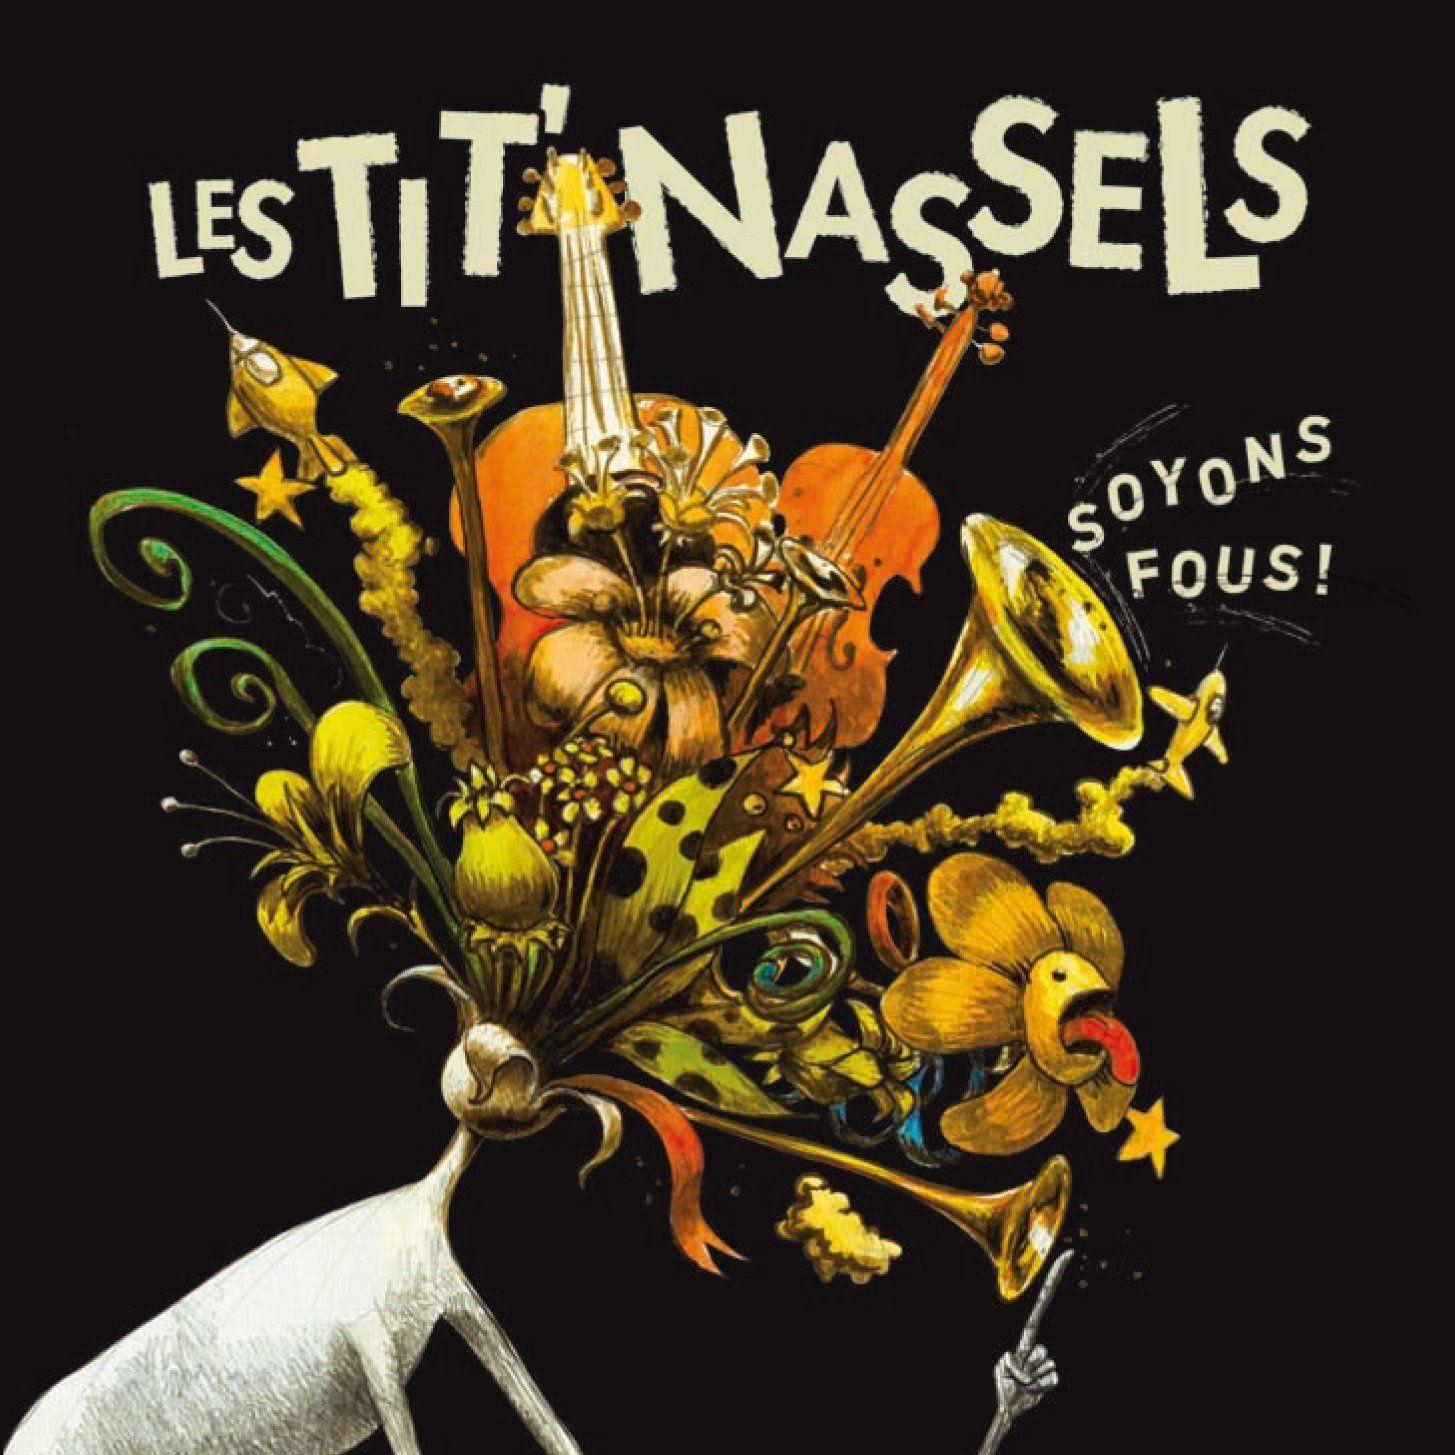 LES TIT'NASSELS A DEVILLE LES ROUEN / CHANSON MUSIQUE / MARDI 10 MARS 2015